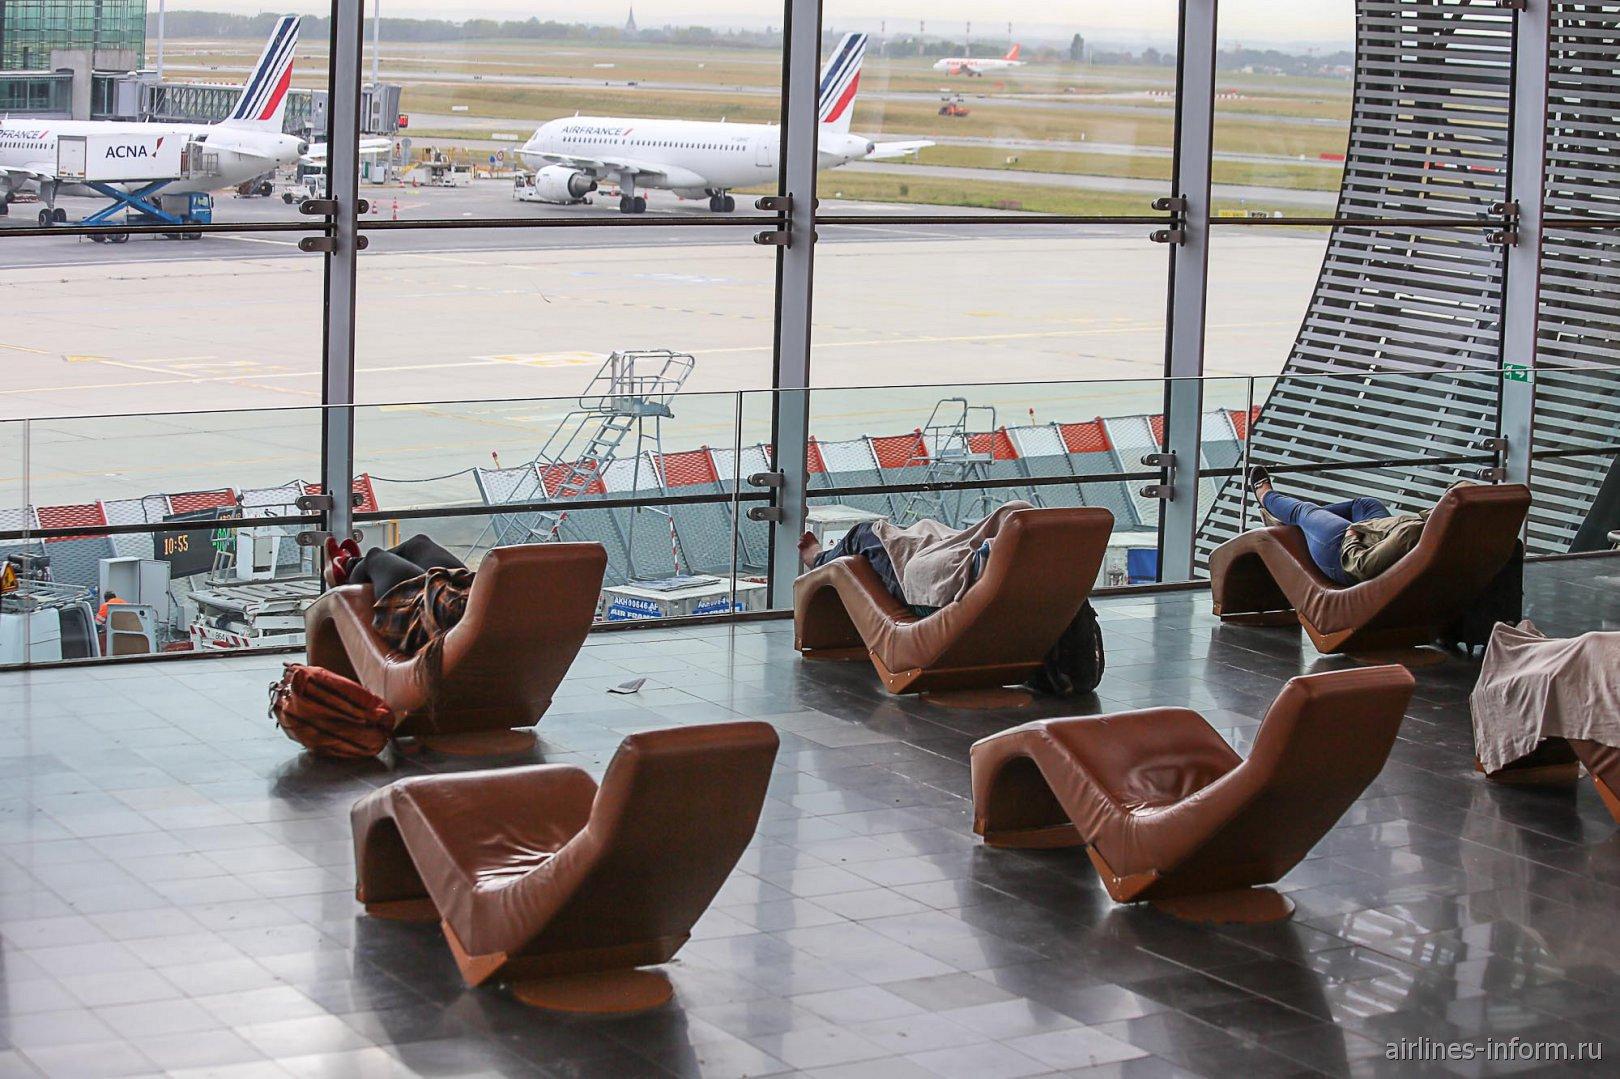 Кресла для отдыха пассажиров в чистой зоне терминала 2Е аэропорта Париж Шарль-де-Голль